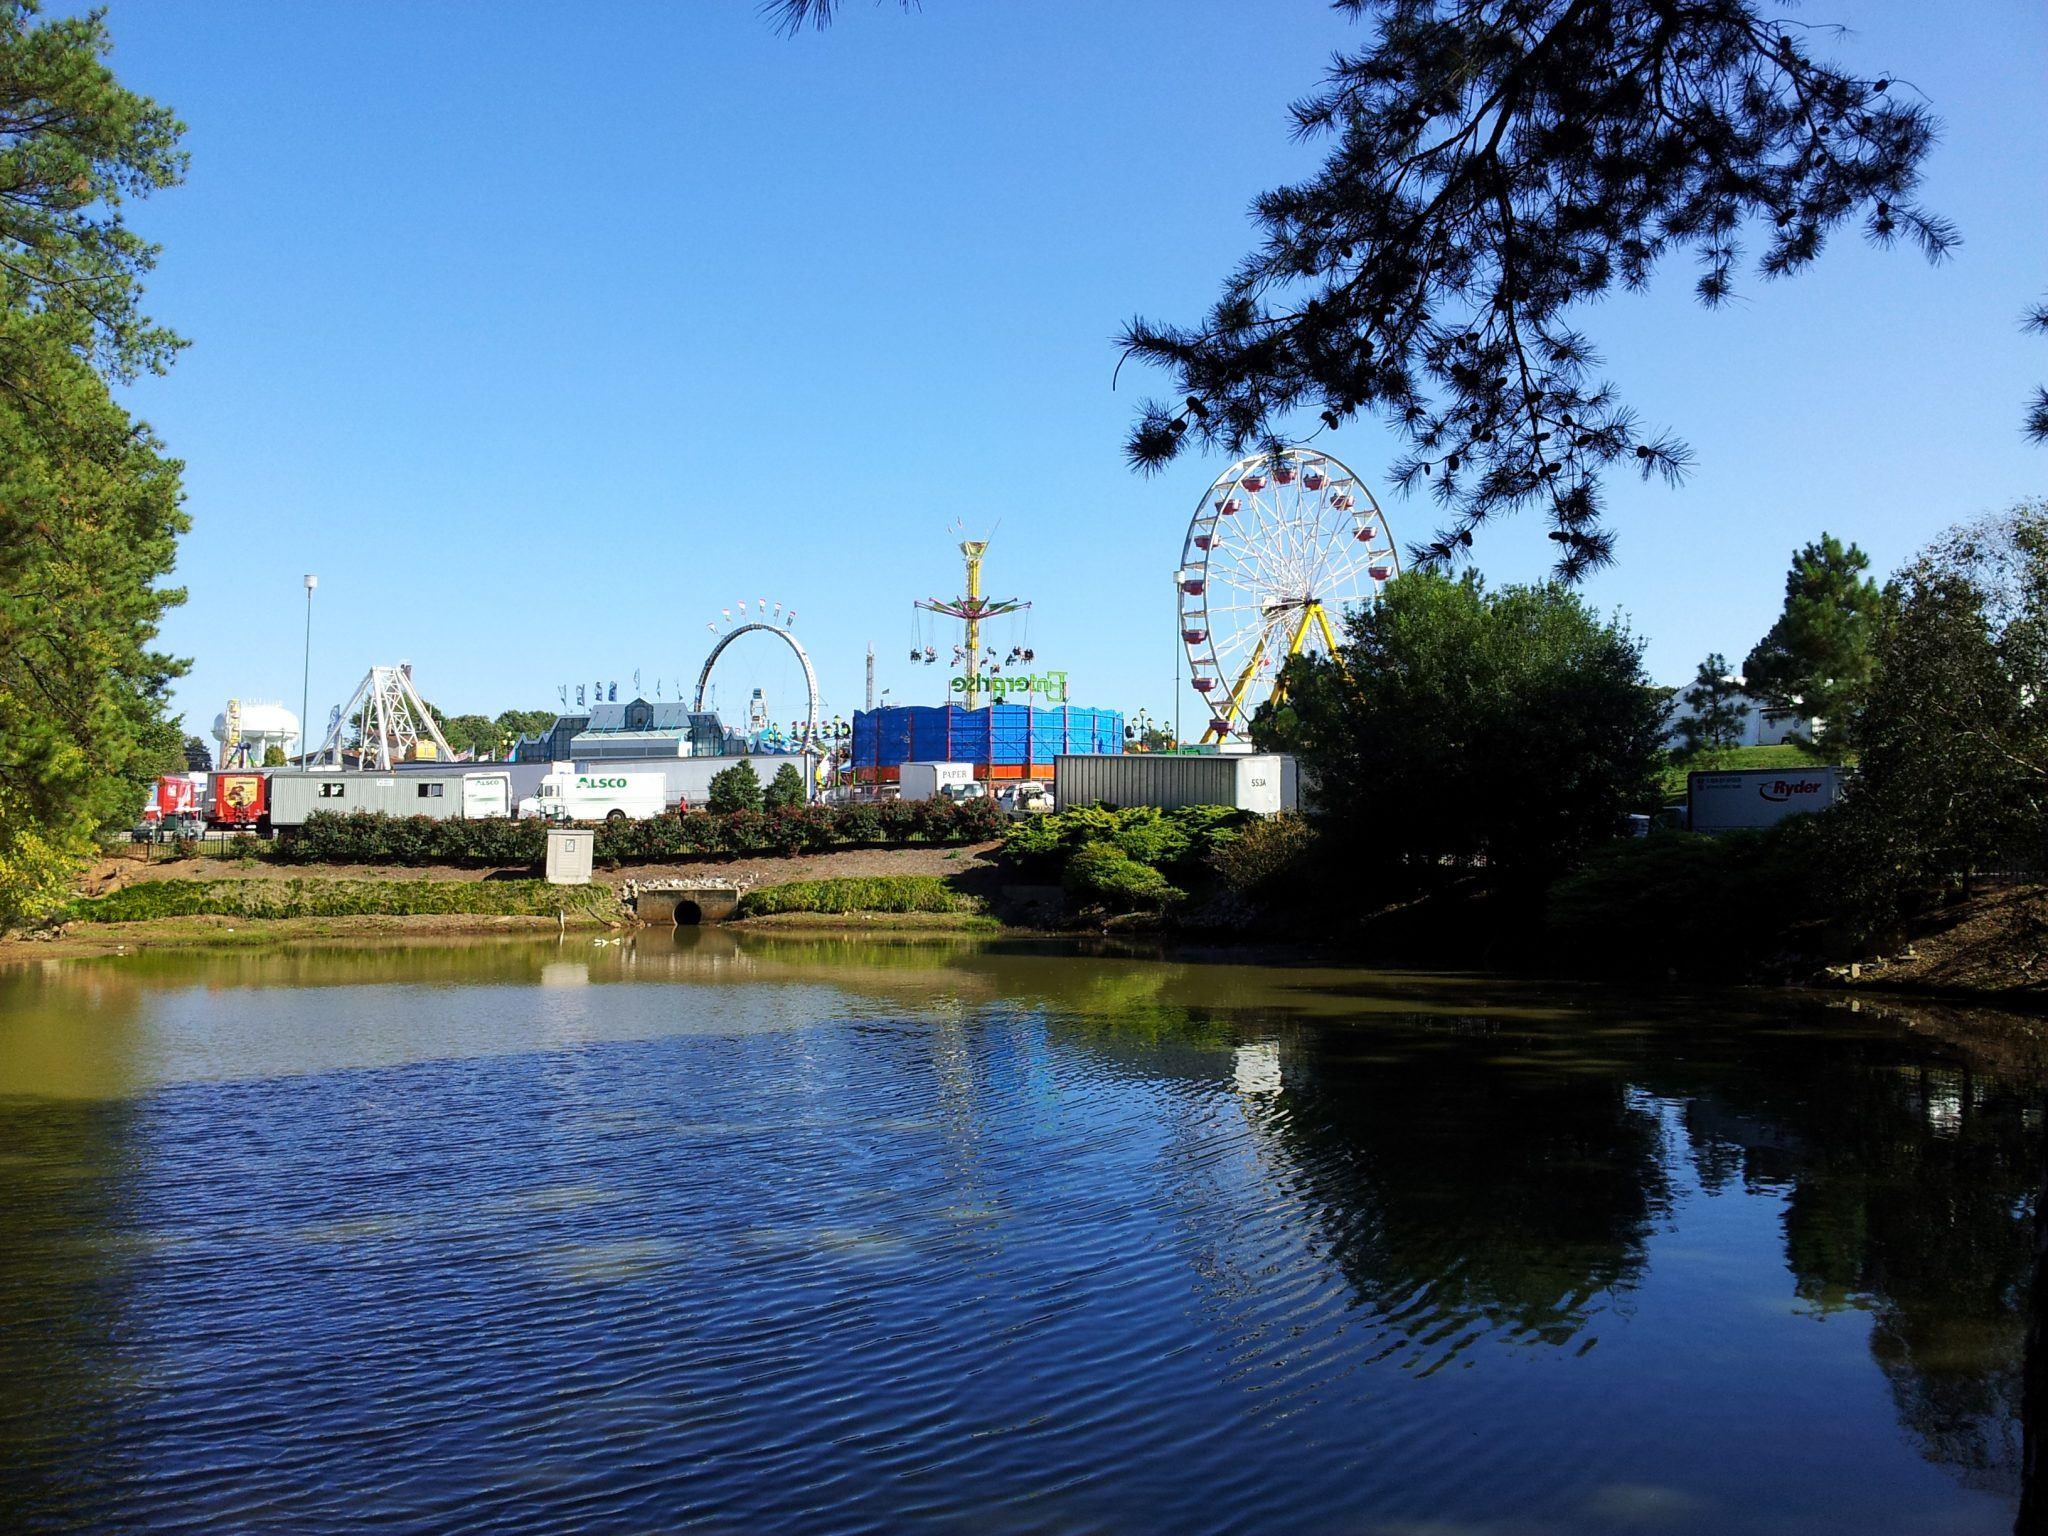 Skimbaco Fair